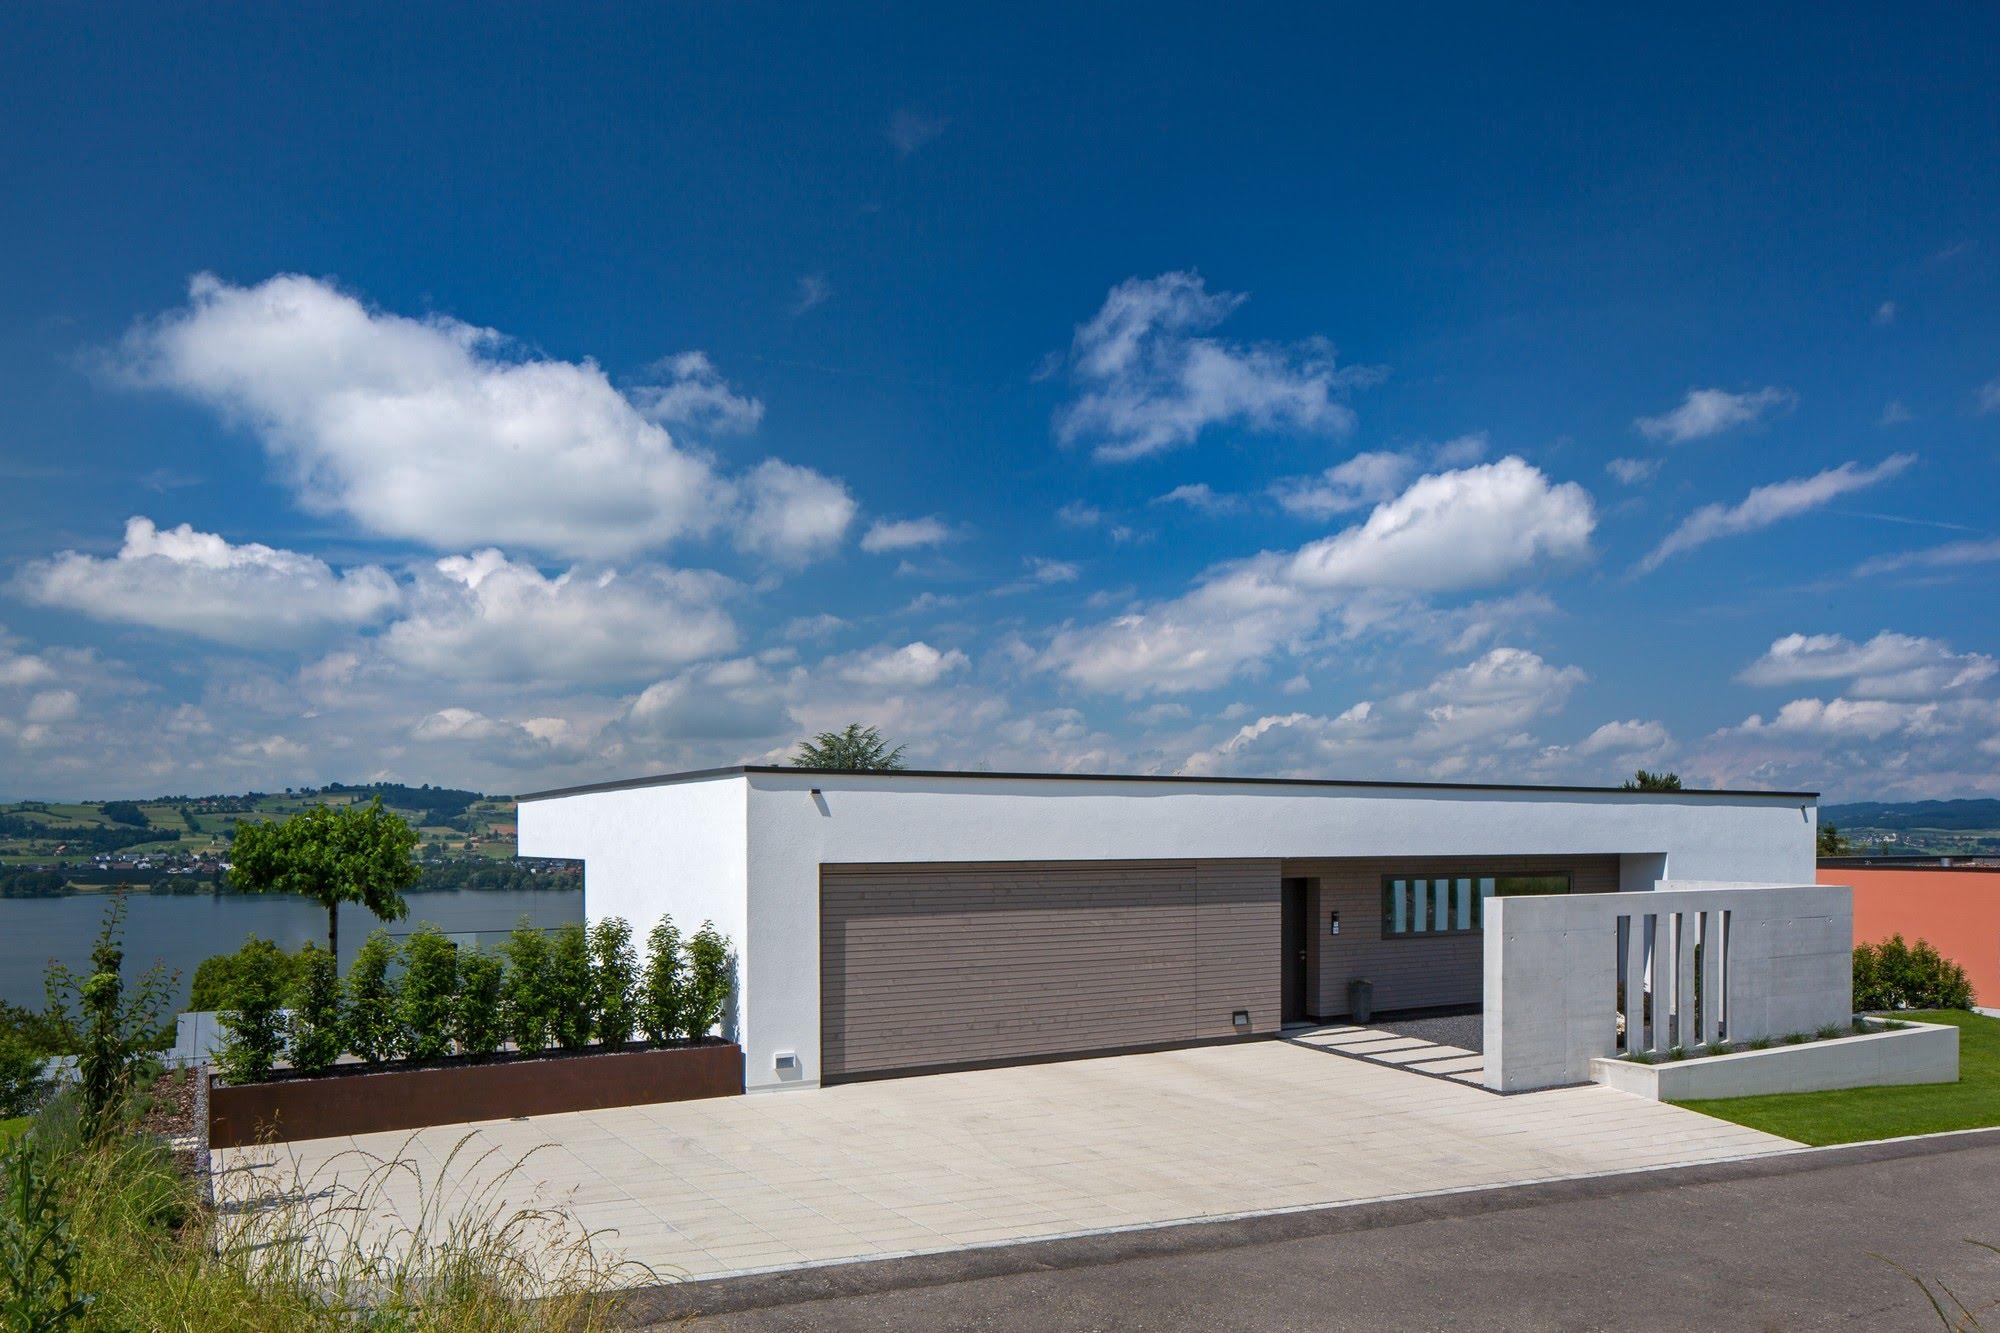 Wohnen EFH EFH 6 Striegelhöhe in Schenkon Architektur,Wohnungsbau,Wohnhäuser,Einfamilienhäuser,Mehrfamilienhäuser